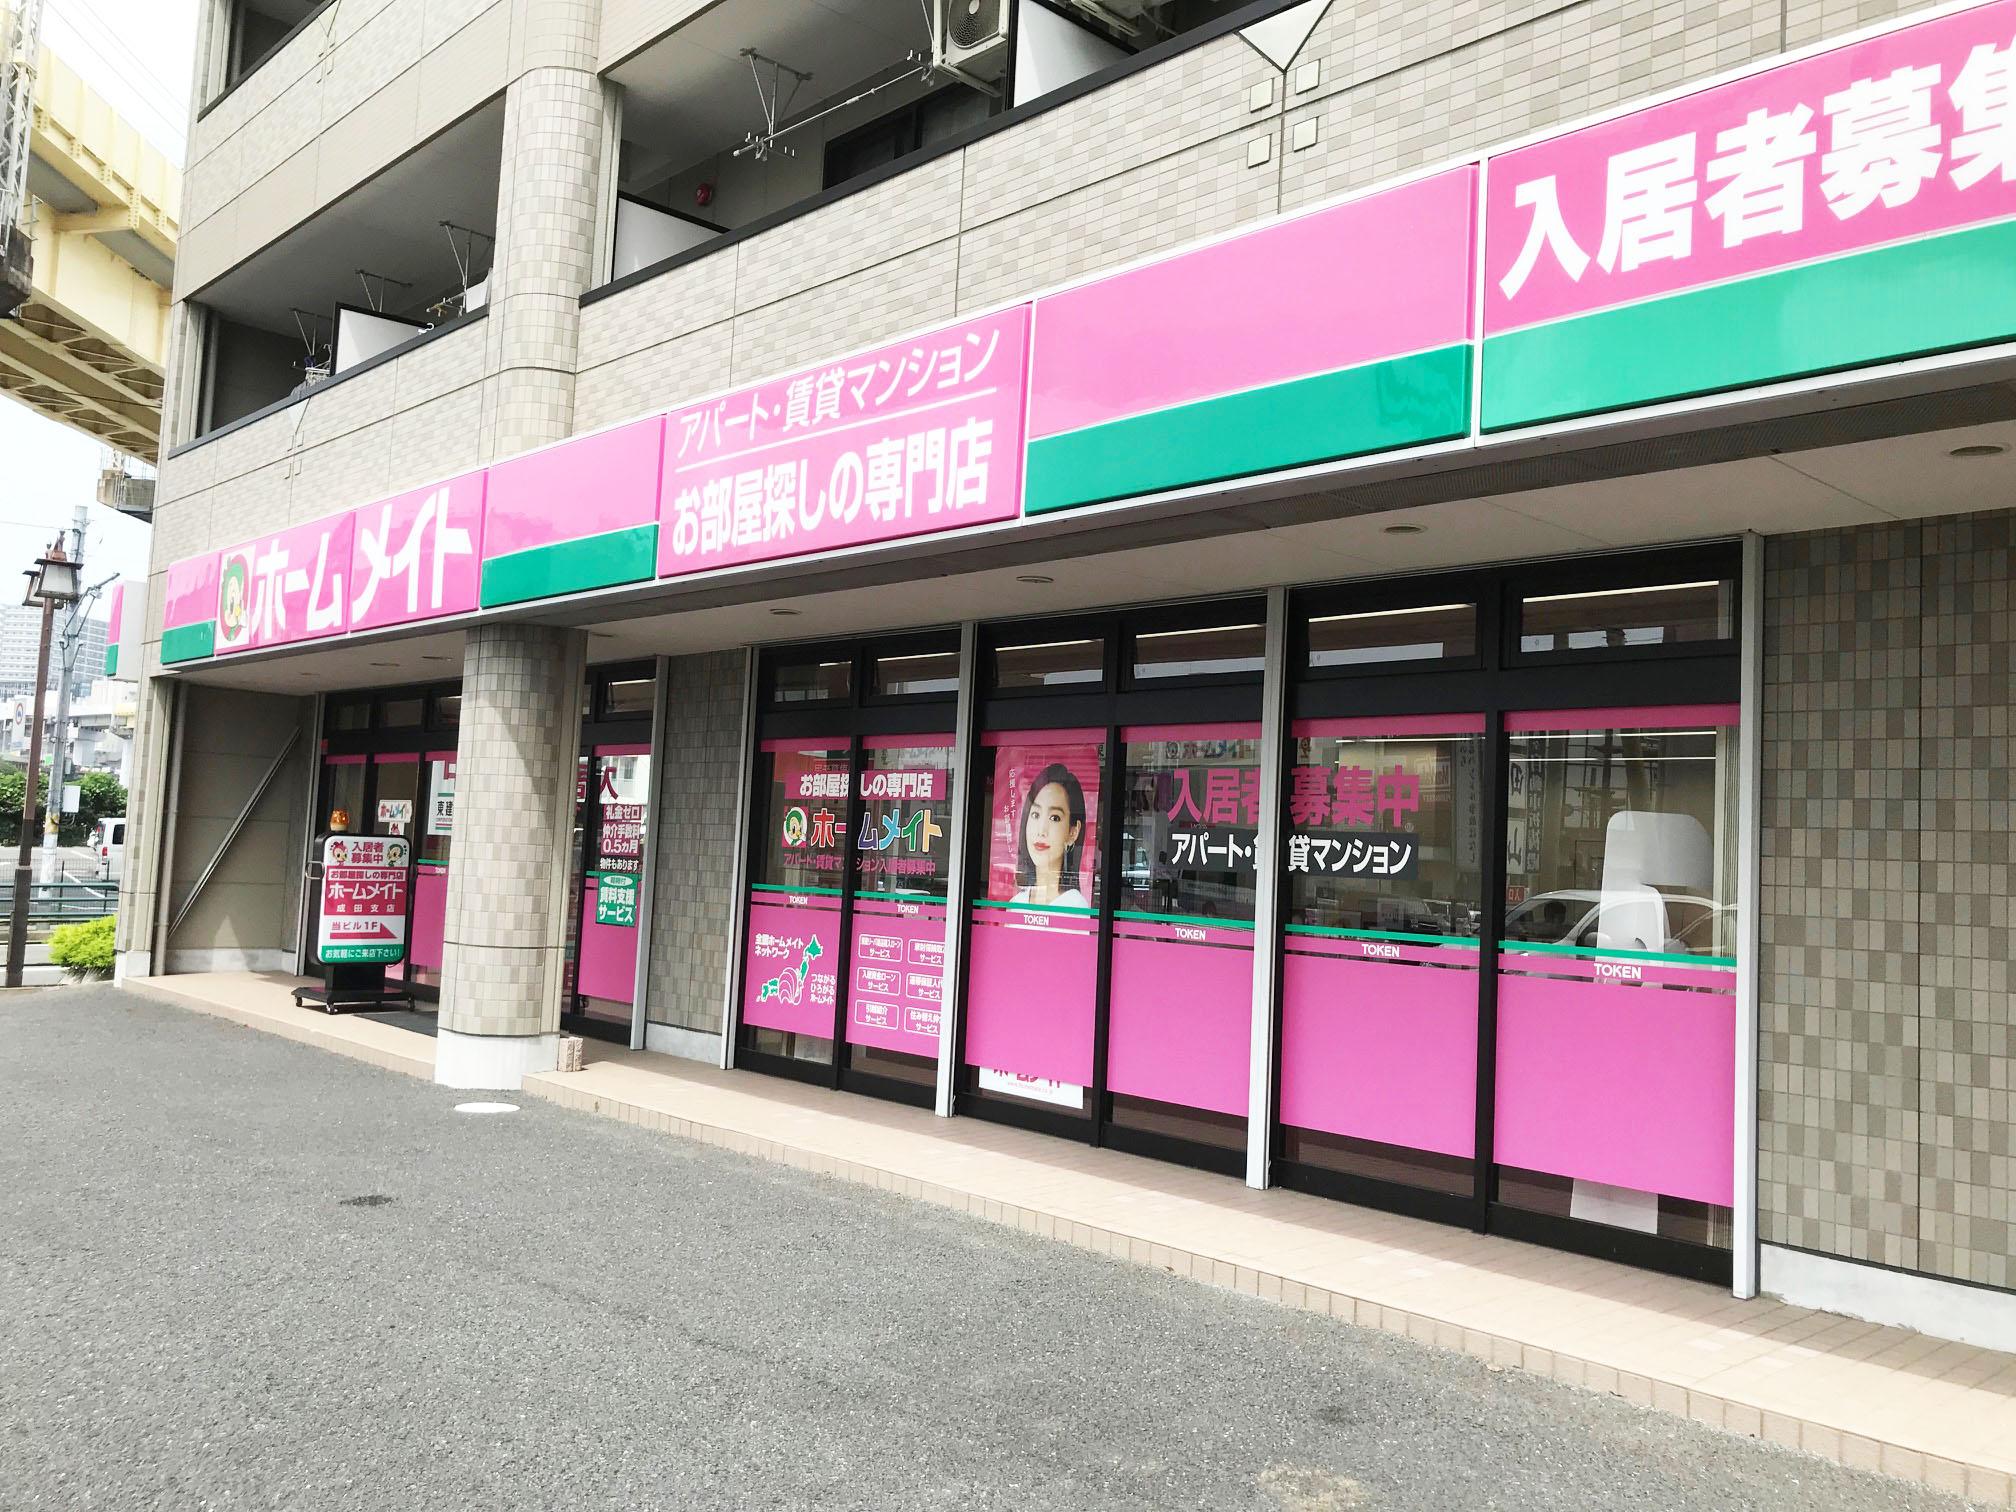 東建コーポレーション成田支店